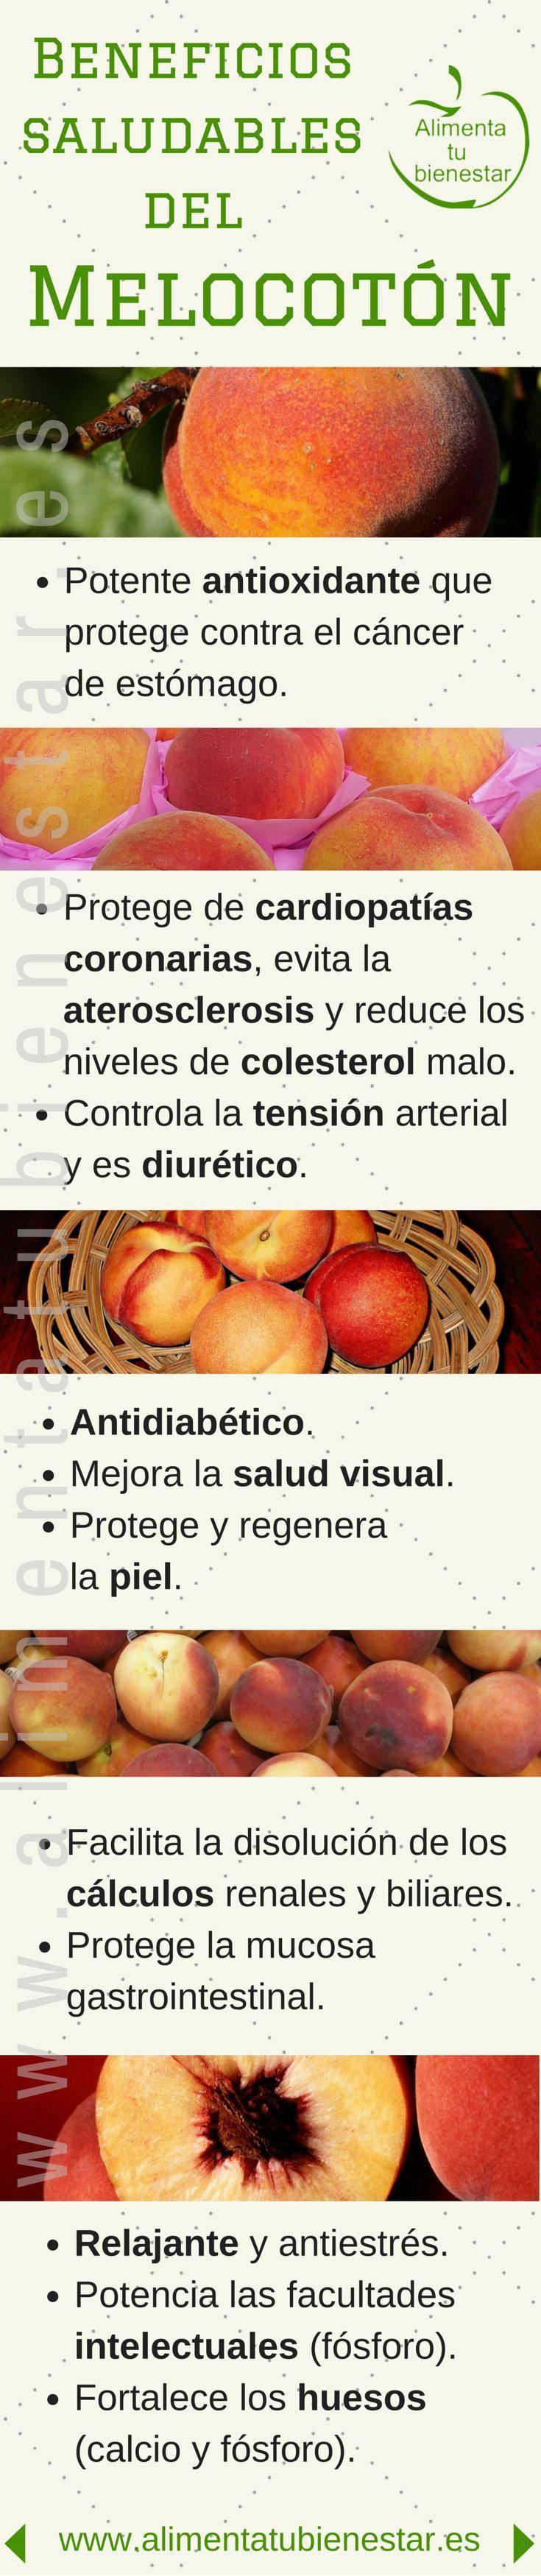 Beneficios para la salud de los melocotones #alimentatubienestar